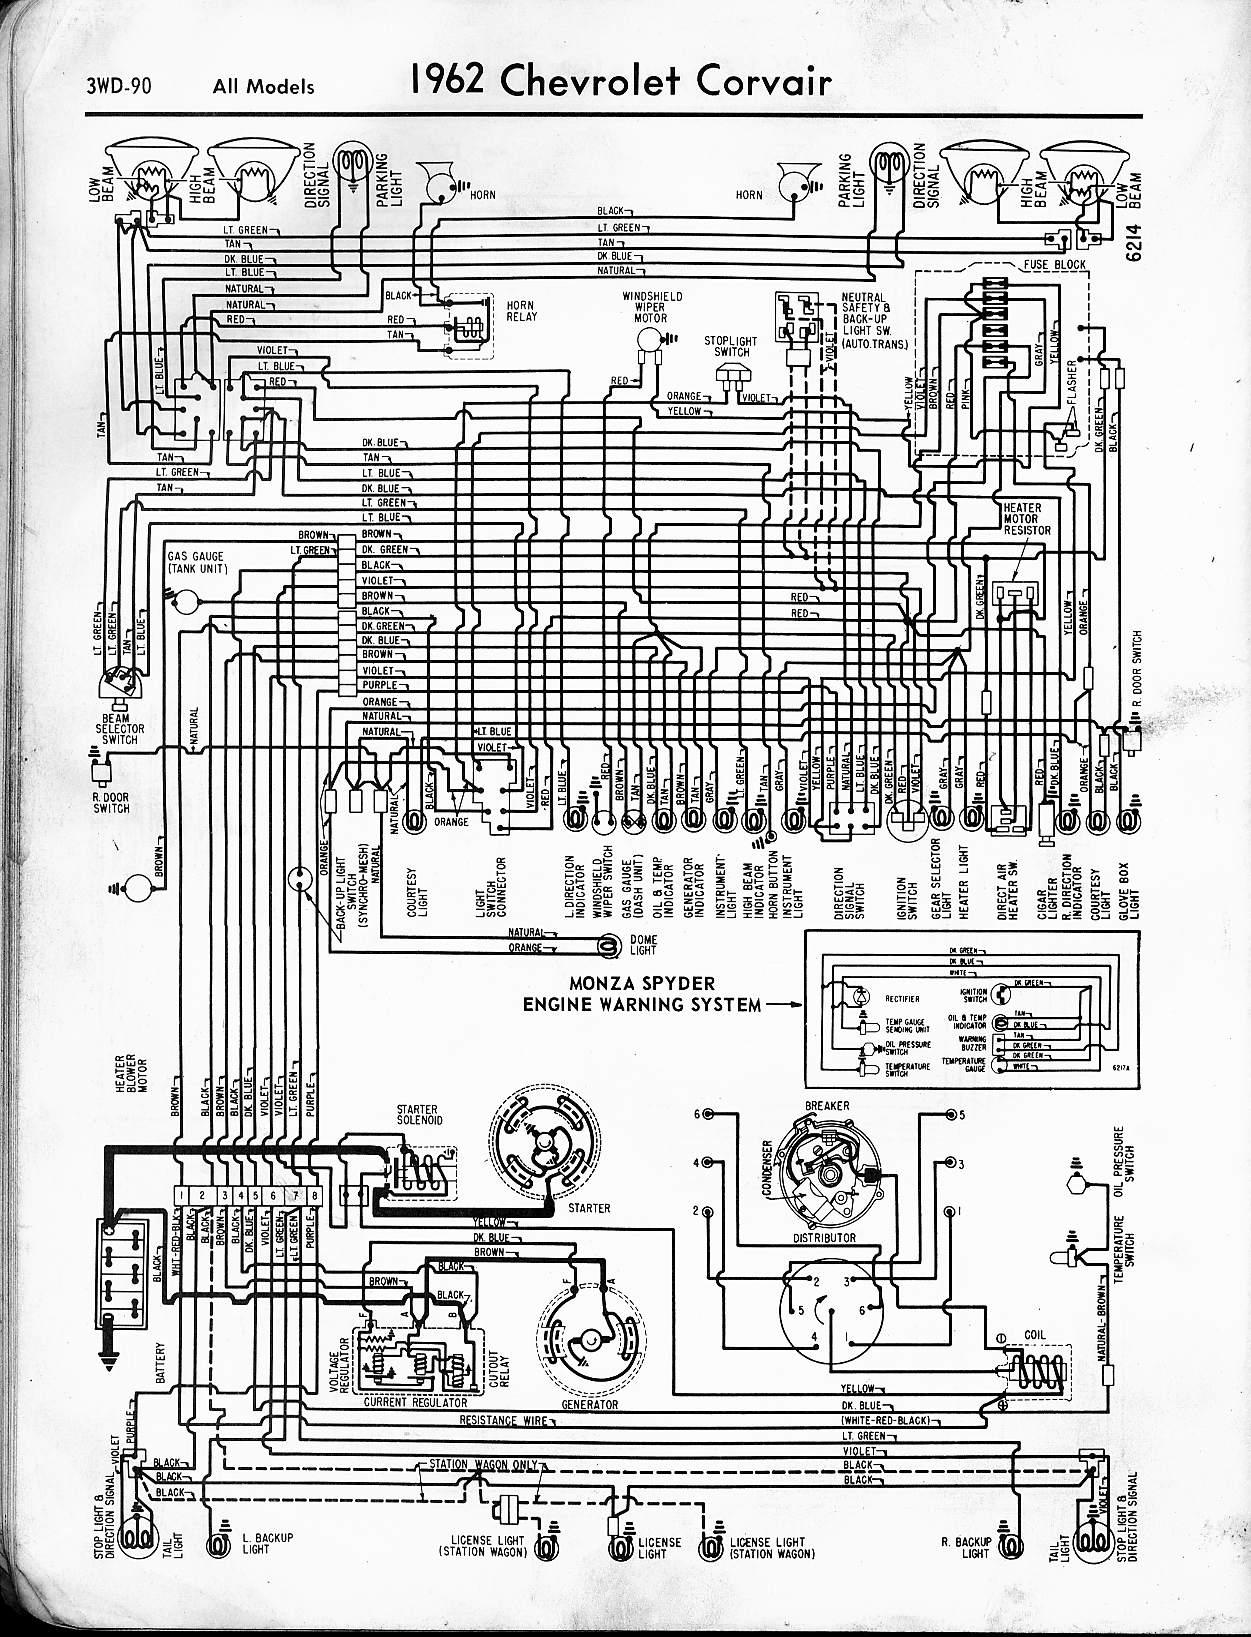 65 Corvair Radio Wiring Diagram - Wiring Diagramsquit.pot.lesvignoblesguimberteau.fr